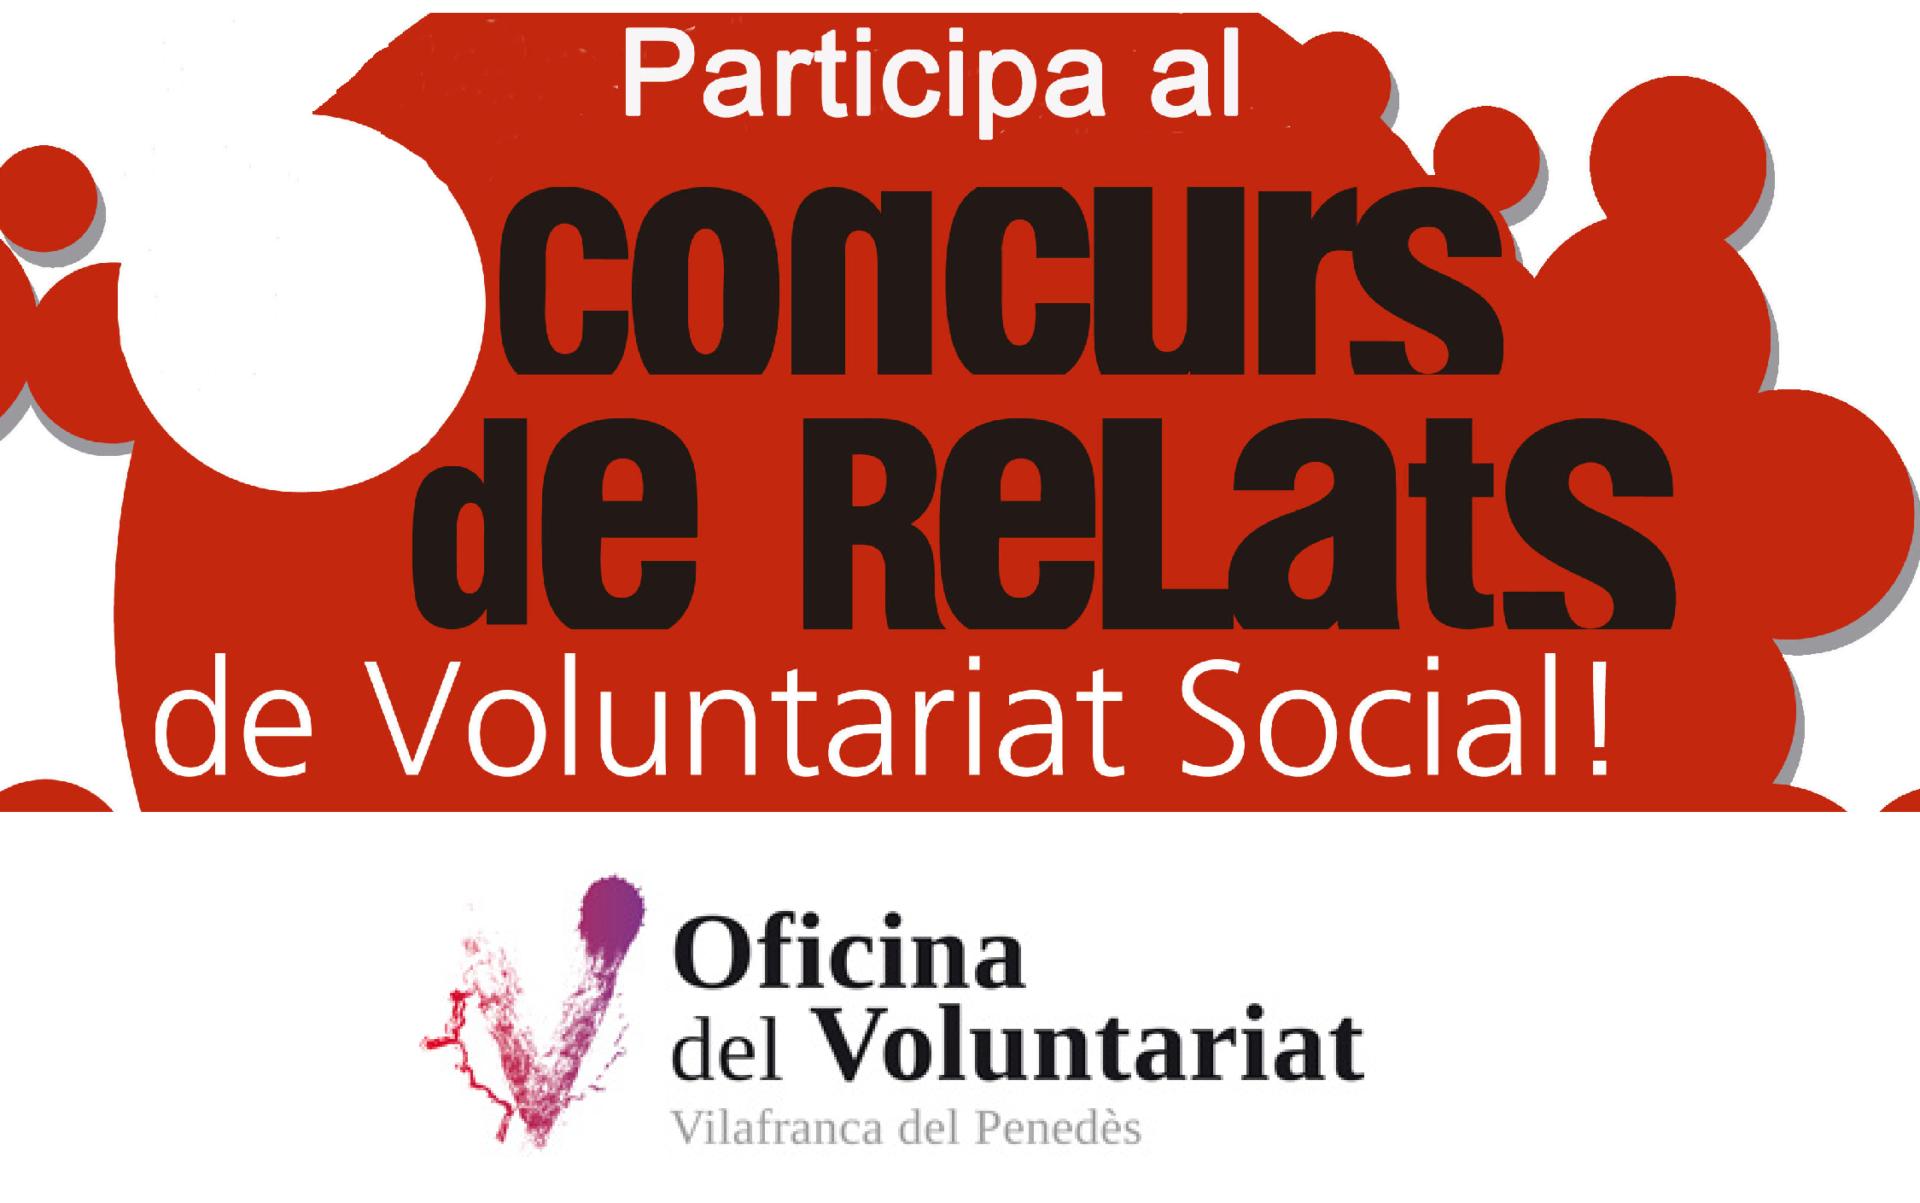 Segon concurs de relats sobre el voluntariat